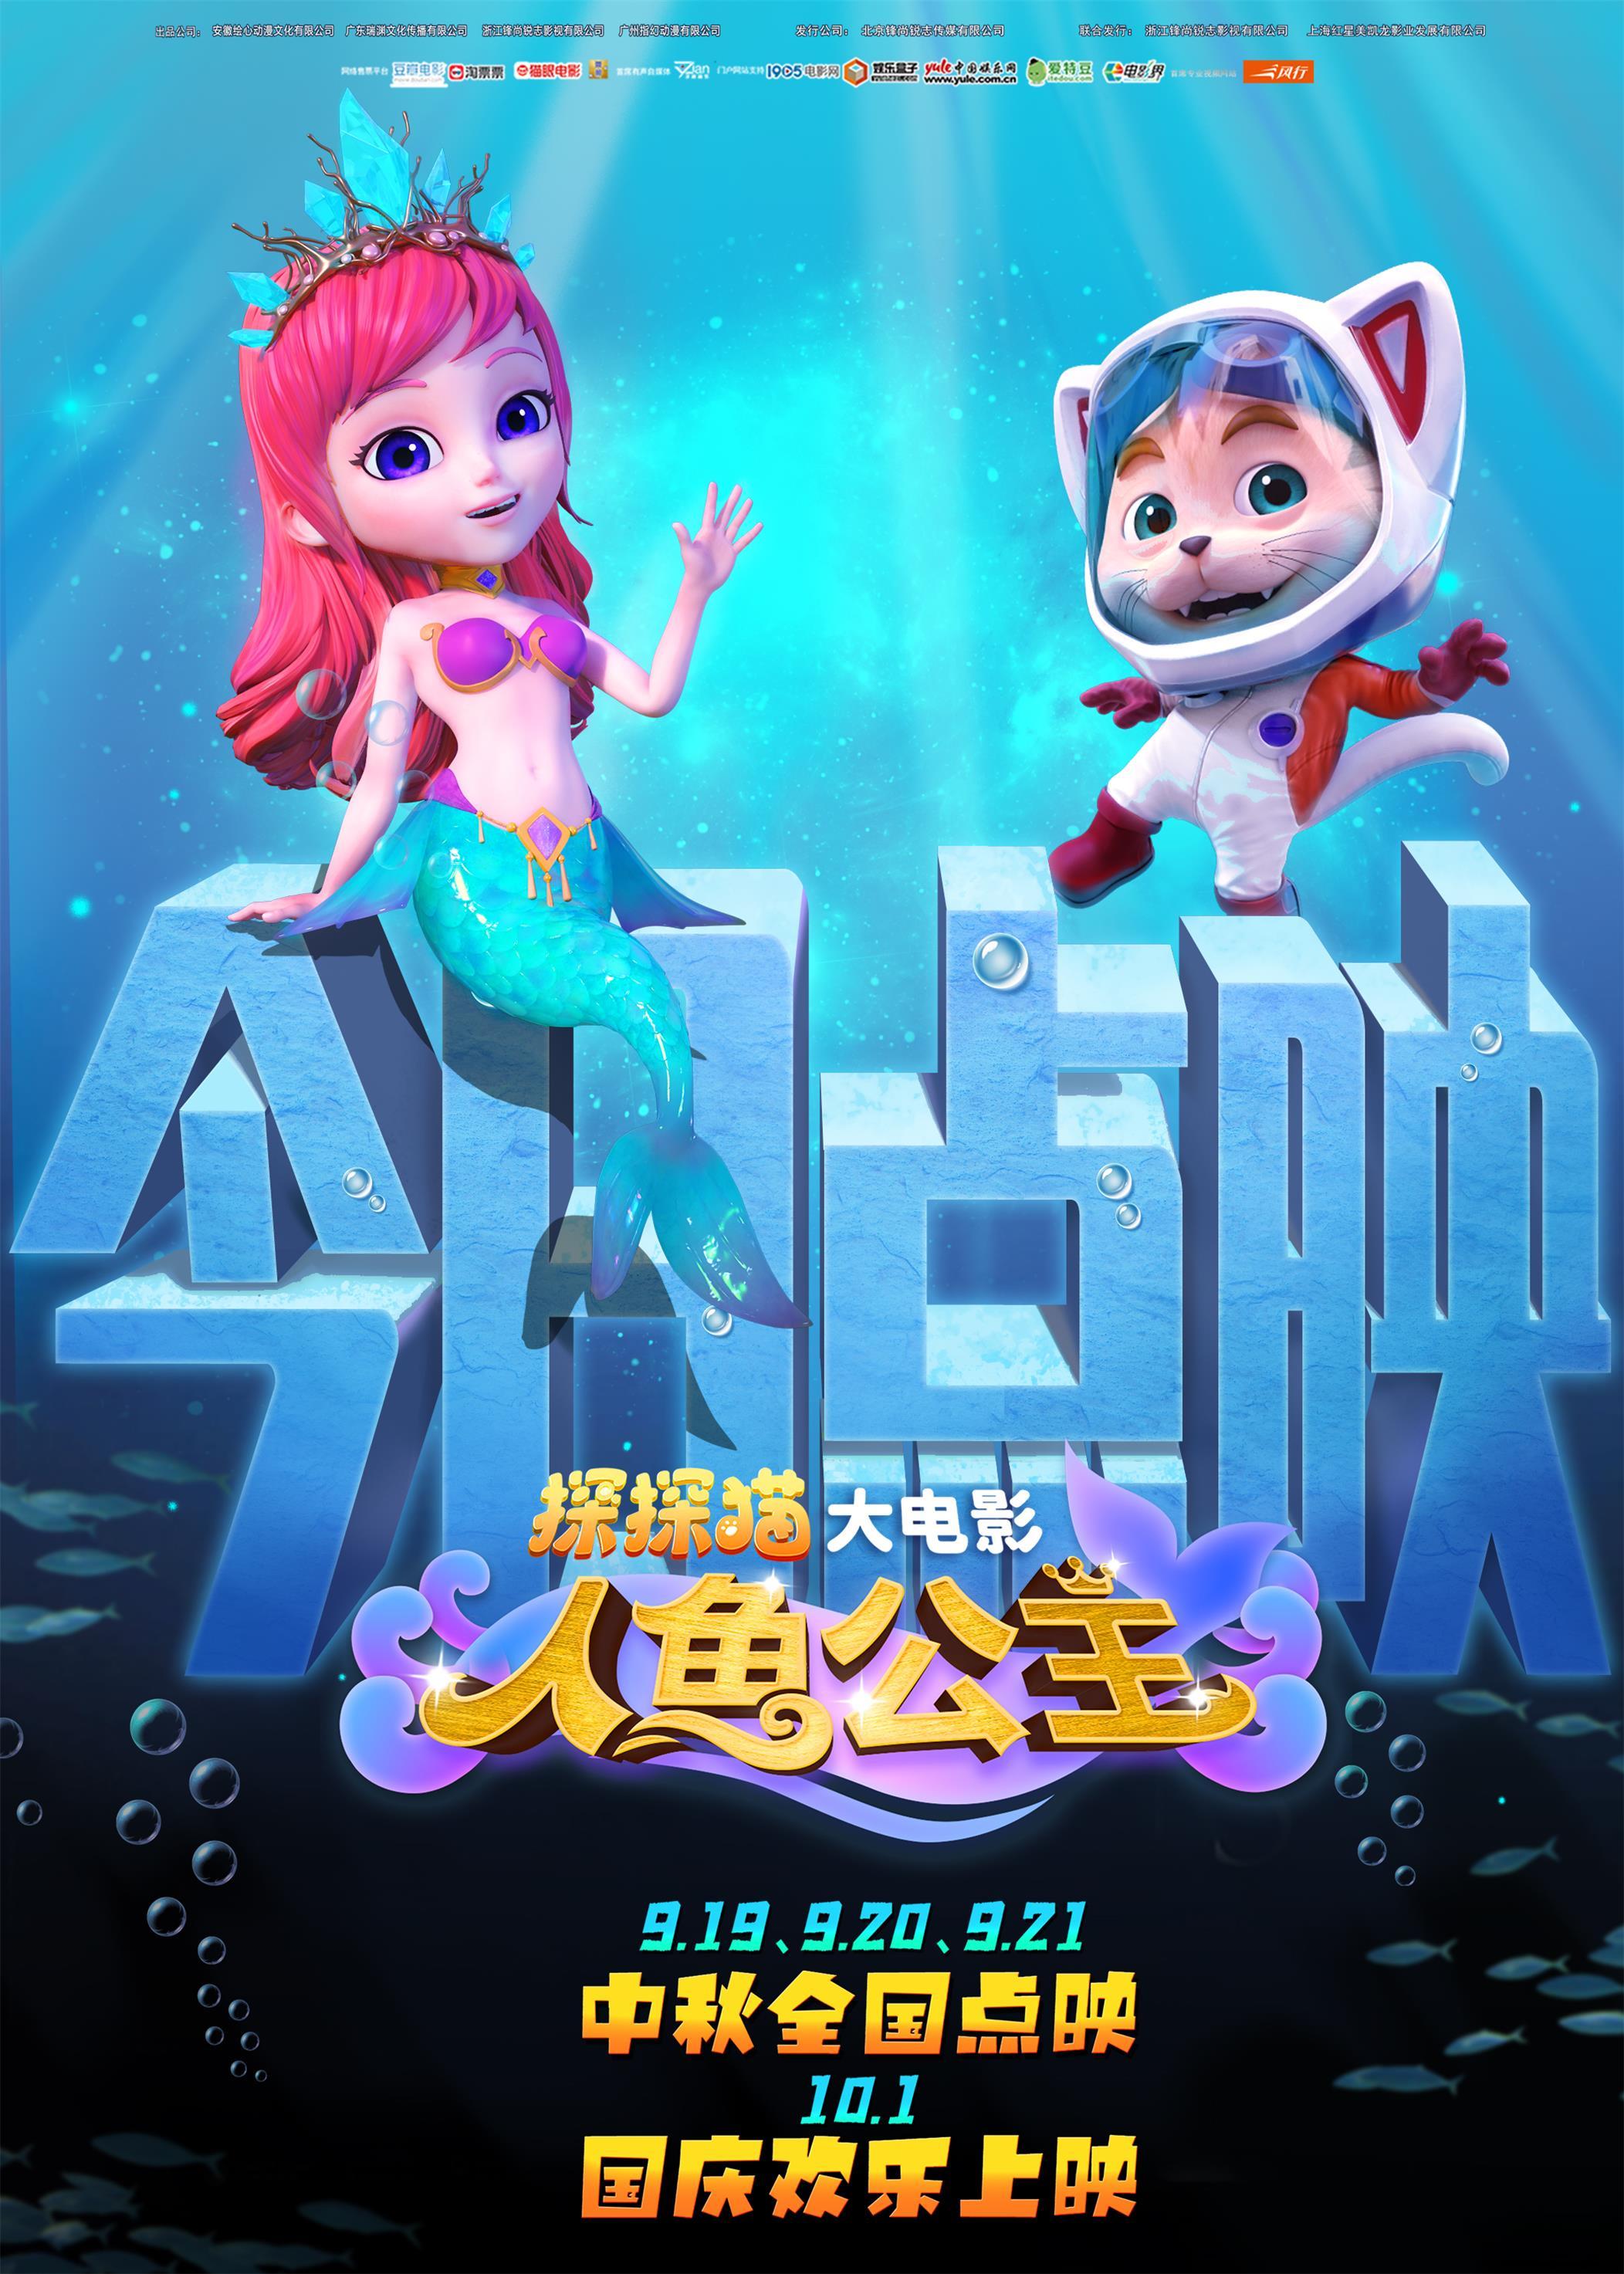 3D/2D动画电影《探探猫人鱼公主》今日全国点映